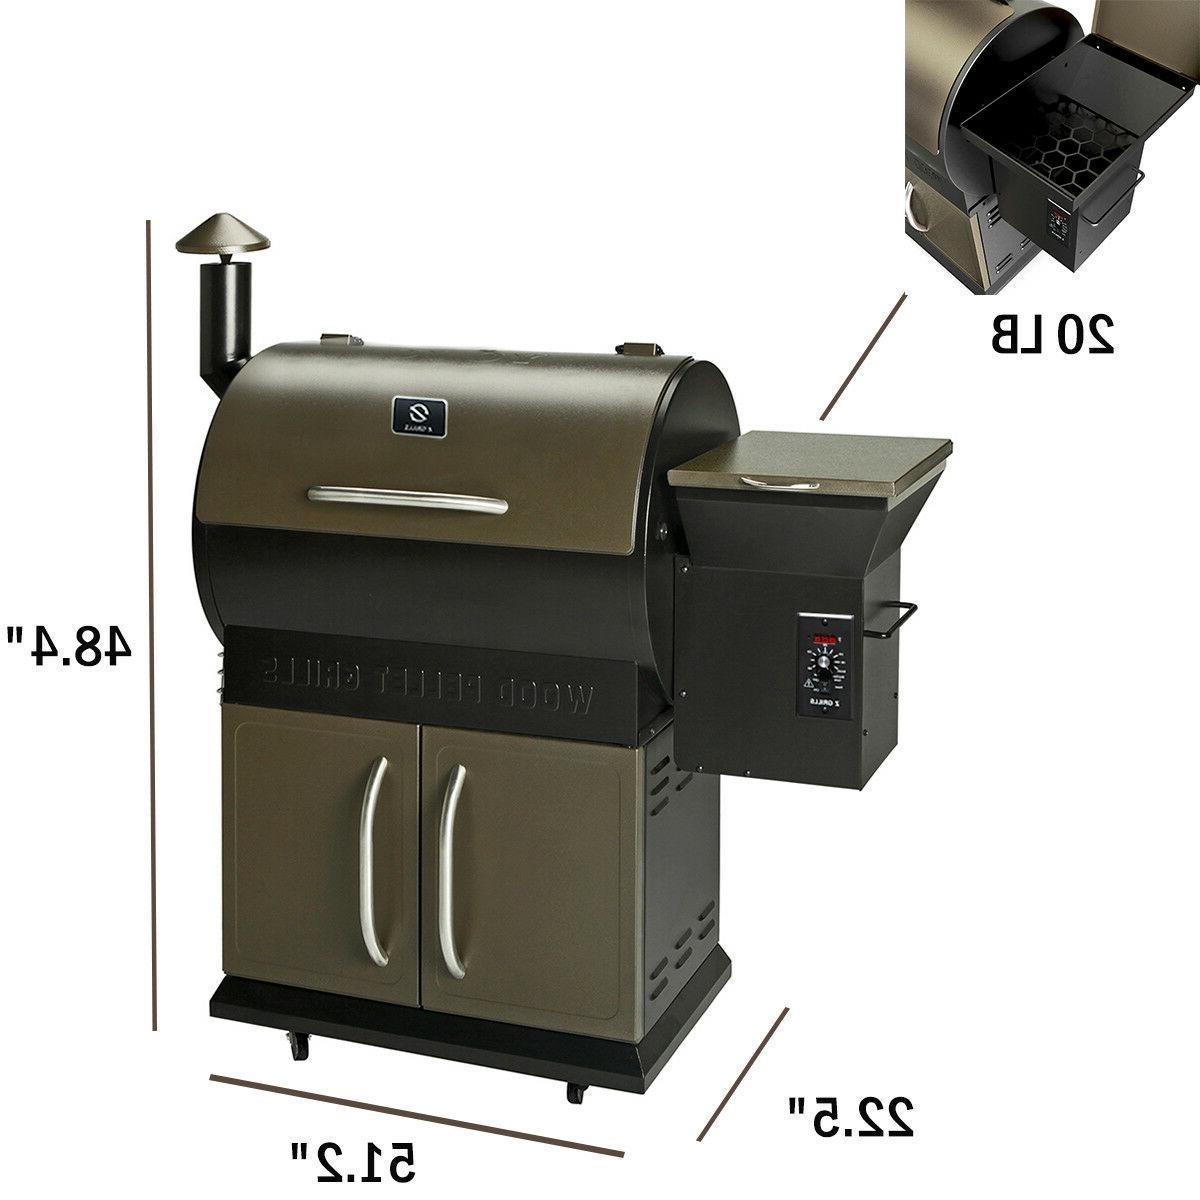 700SQ.in Wood Pellet BBQ Grill w /Digital Controls